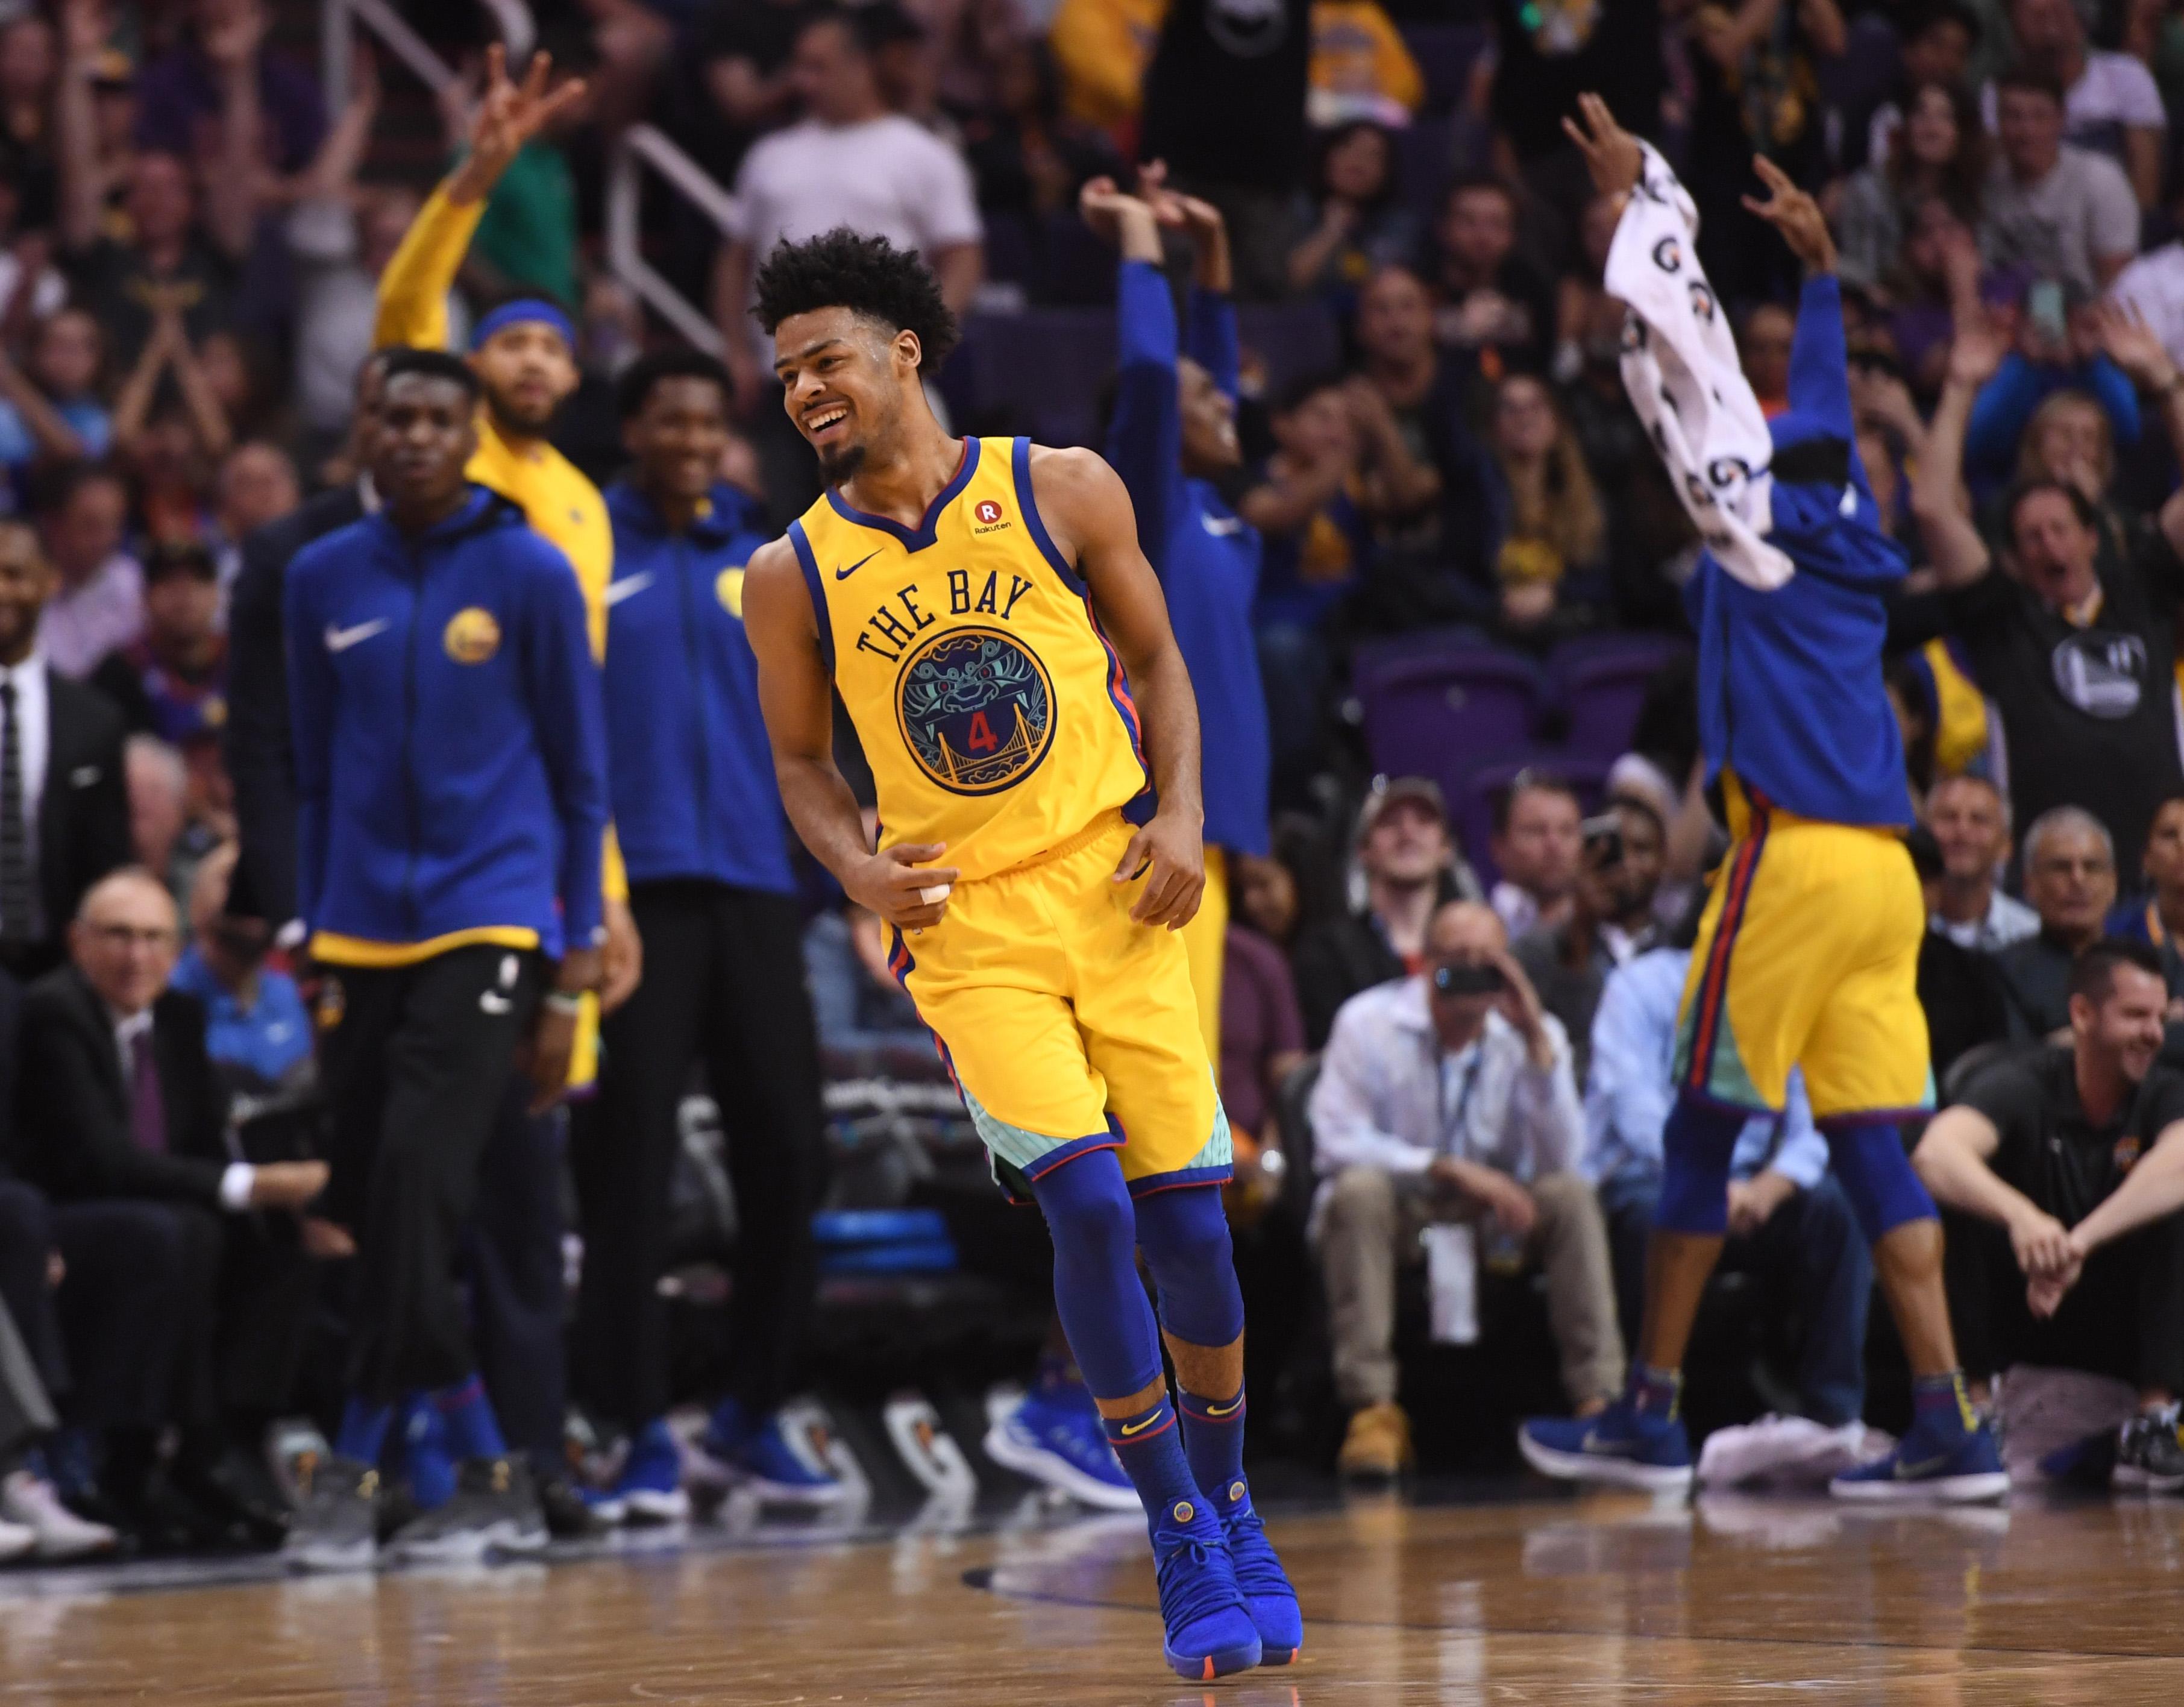 NBA: Golden State Warriors at Phoenix Suns